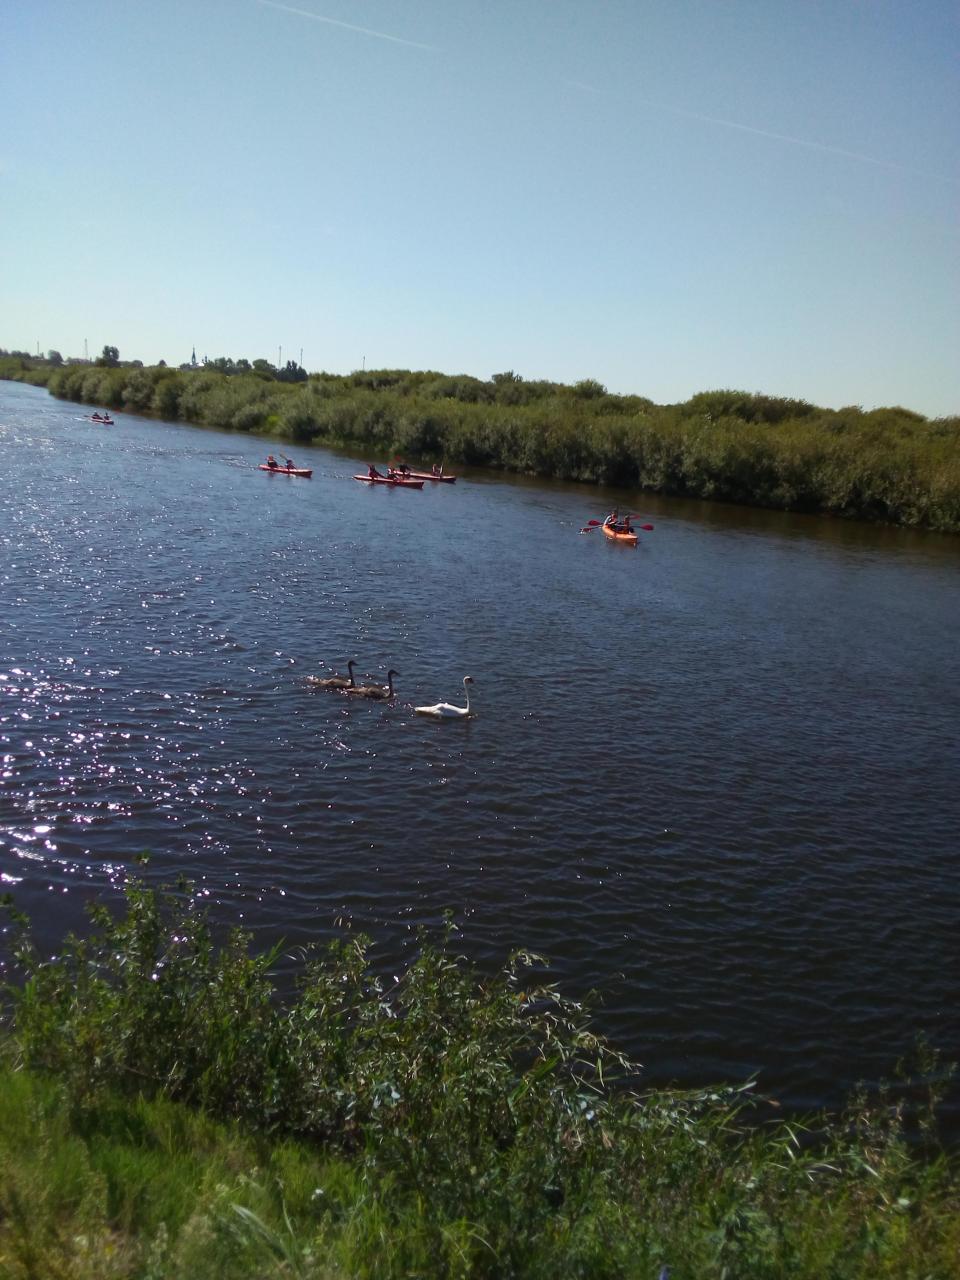 Был сегодня на Немане в п.Любча, клёв был ... | Отчеты о рыбалке в Беларуси